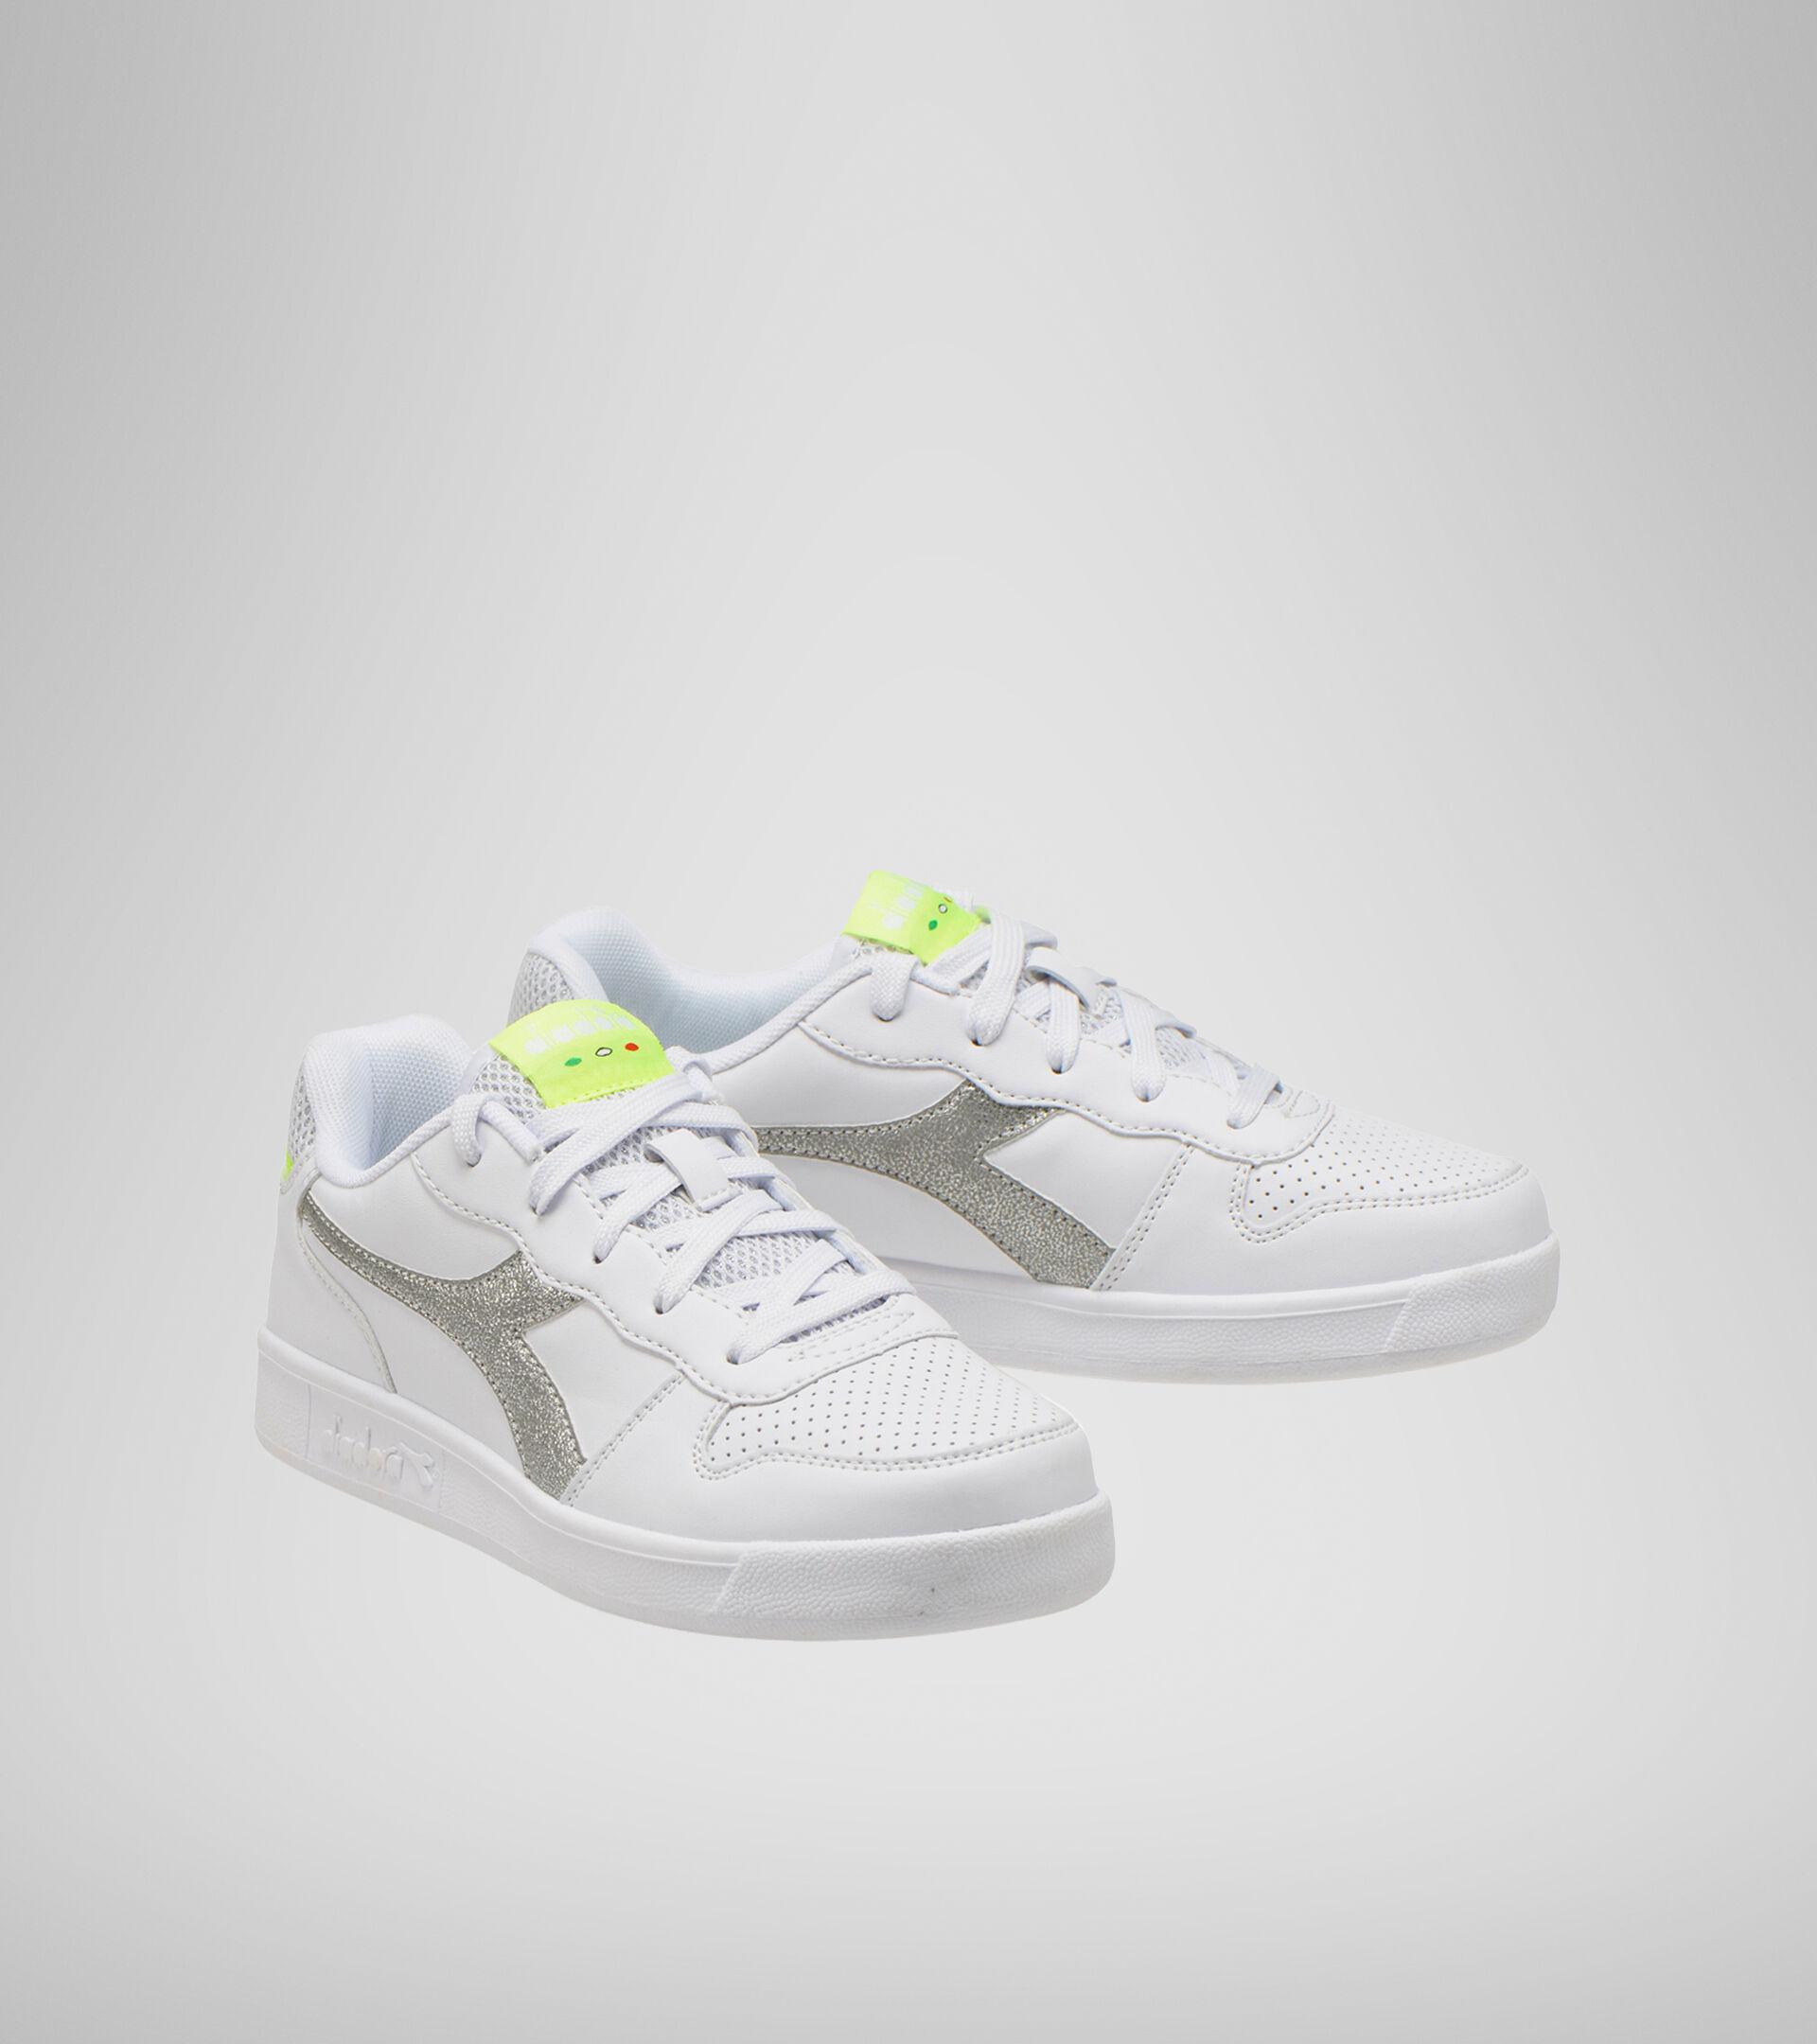 Footwear Sport BAMBINO PLAYGROUND GS GIRL BIANCO/GIALLO FLUO Diadora